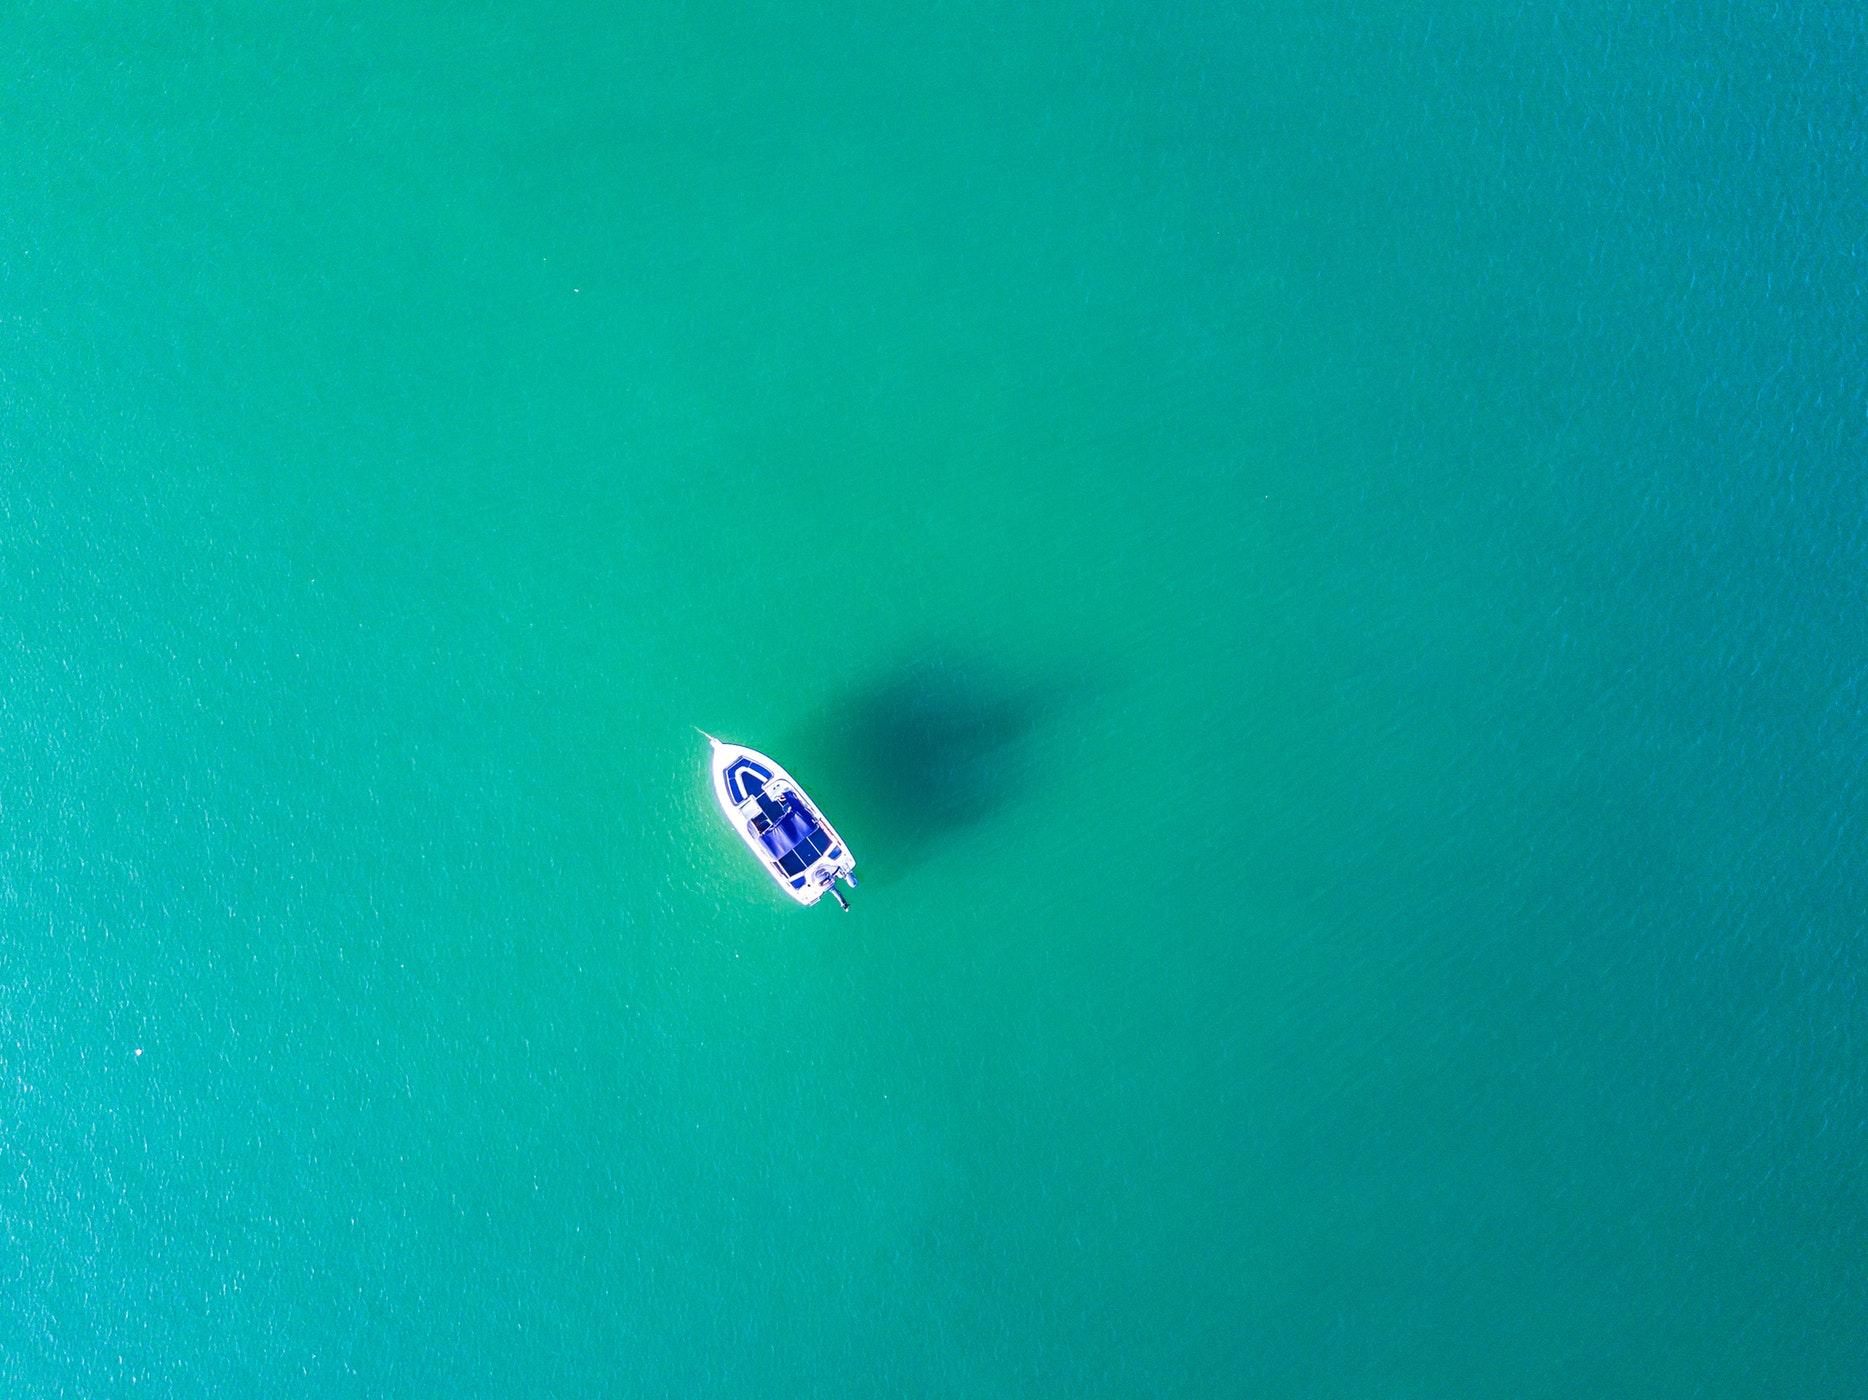 Small boat at sea